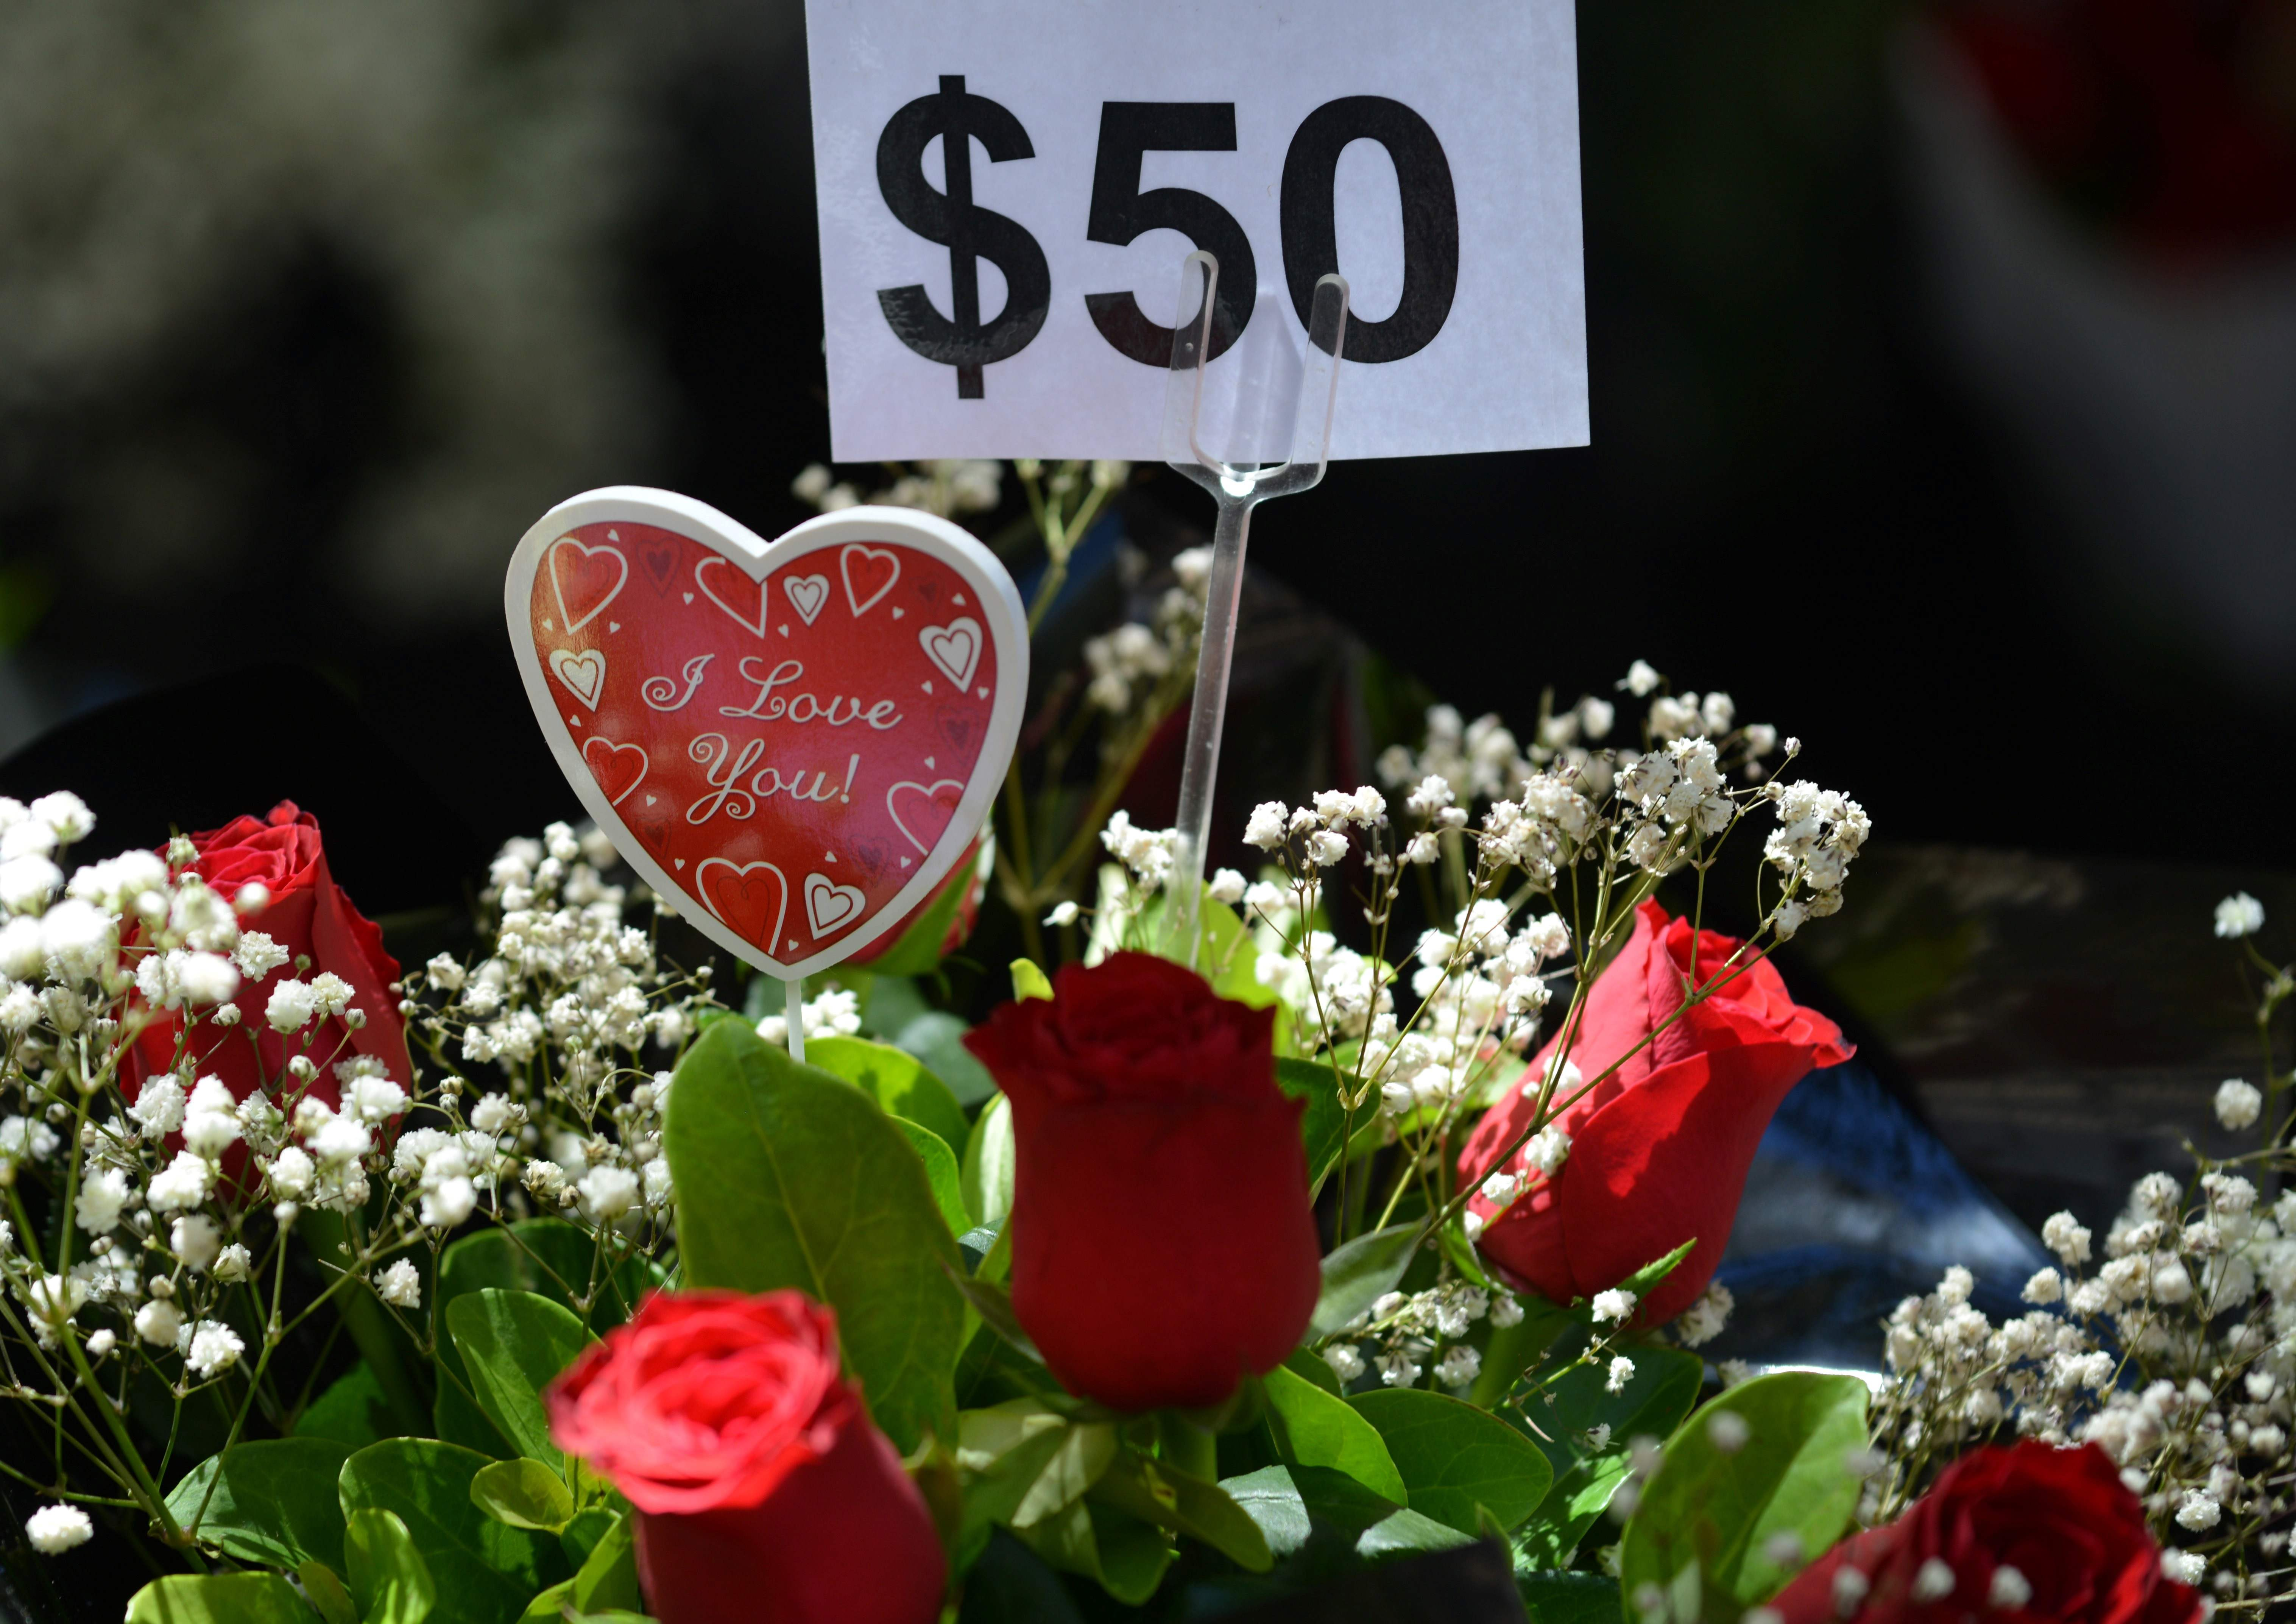 بالصور ورد ودباديب وقلوب فى احتفالات العالم بـعيد الحب اليوم